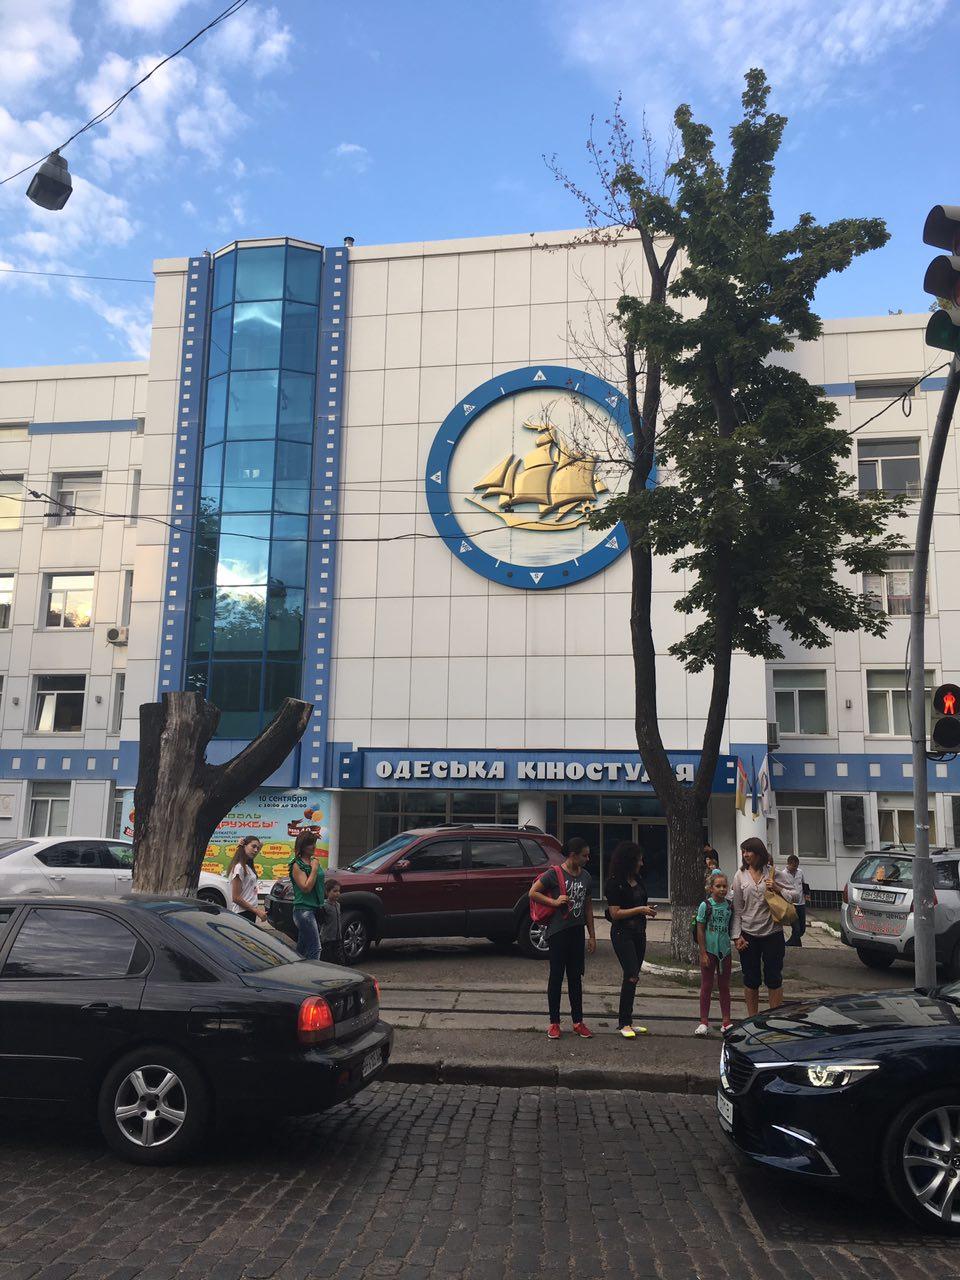 Одесская киностудия 4.jpg